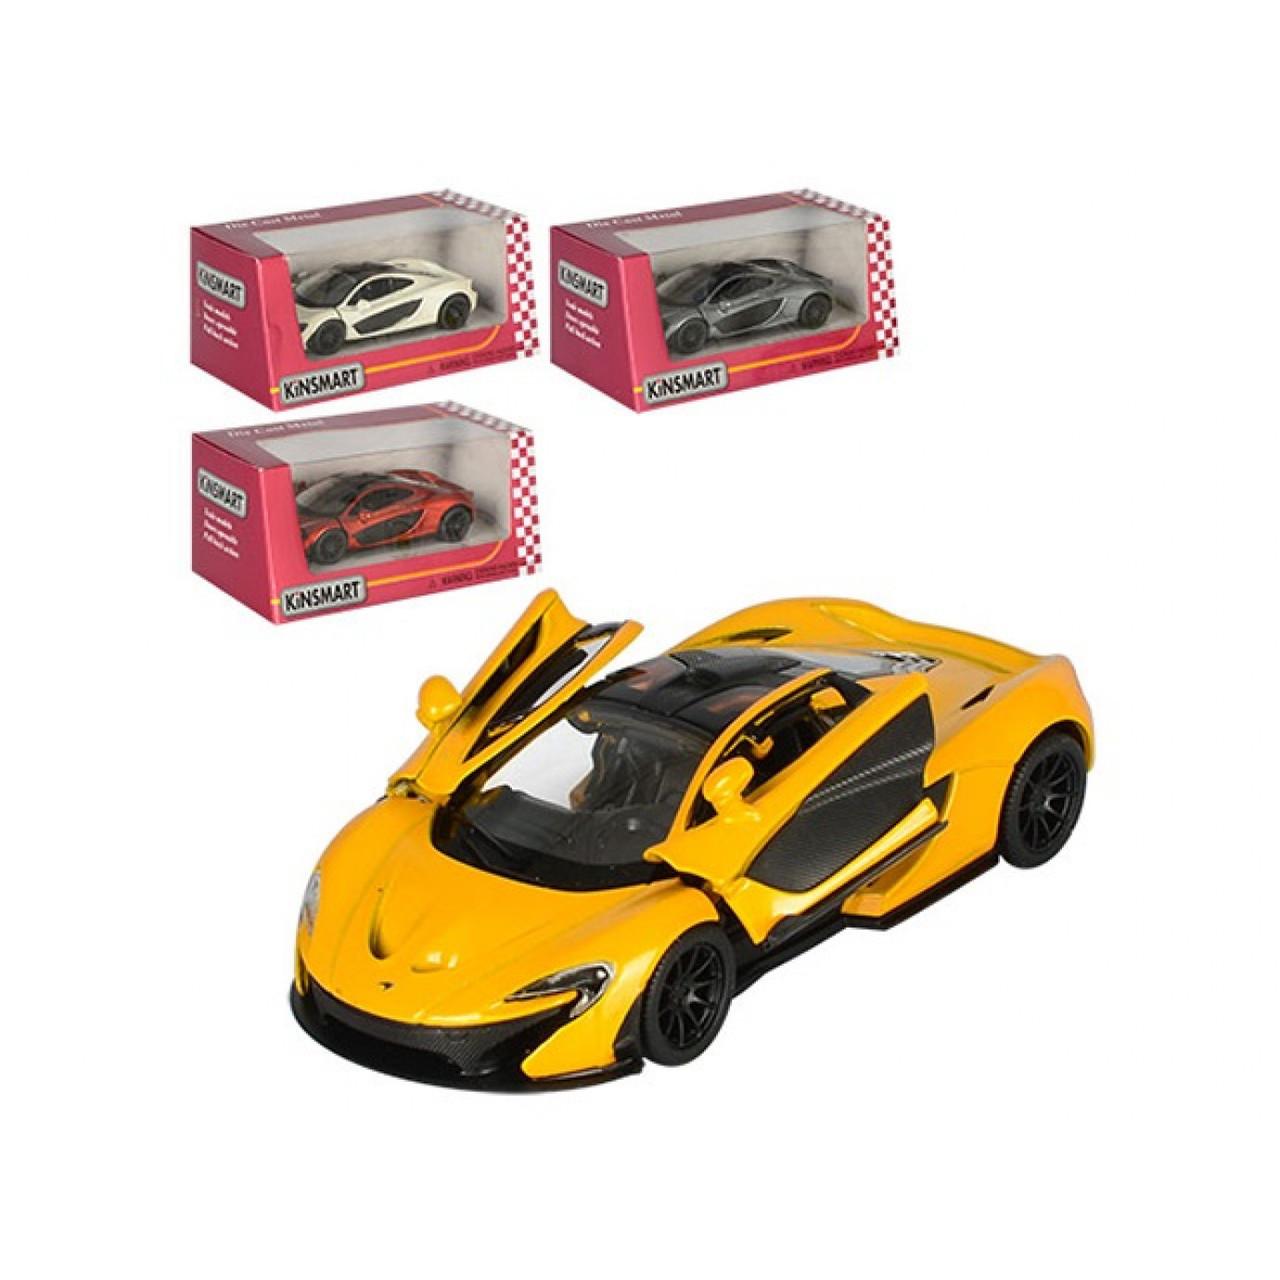 """Машина металева """"Kinsmart"""", в коробці, 16 х8х7см (24) (96) №KT-5393-W"""